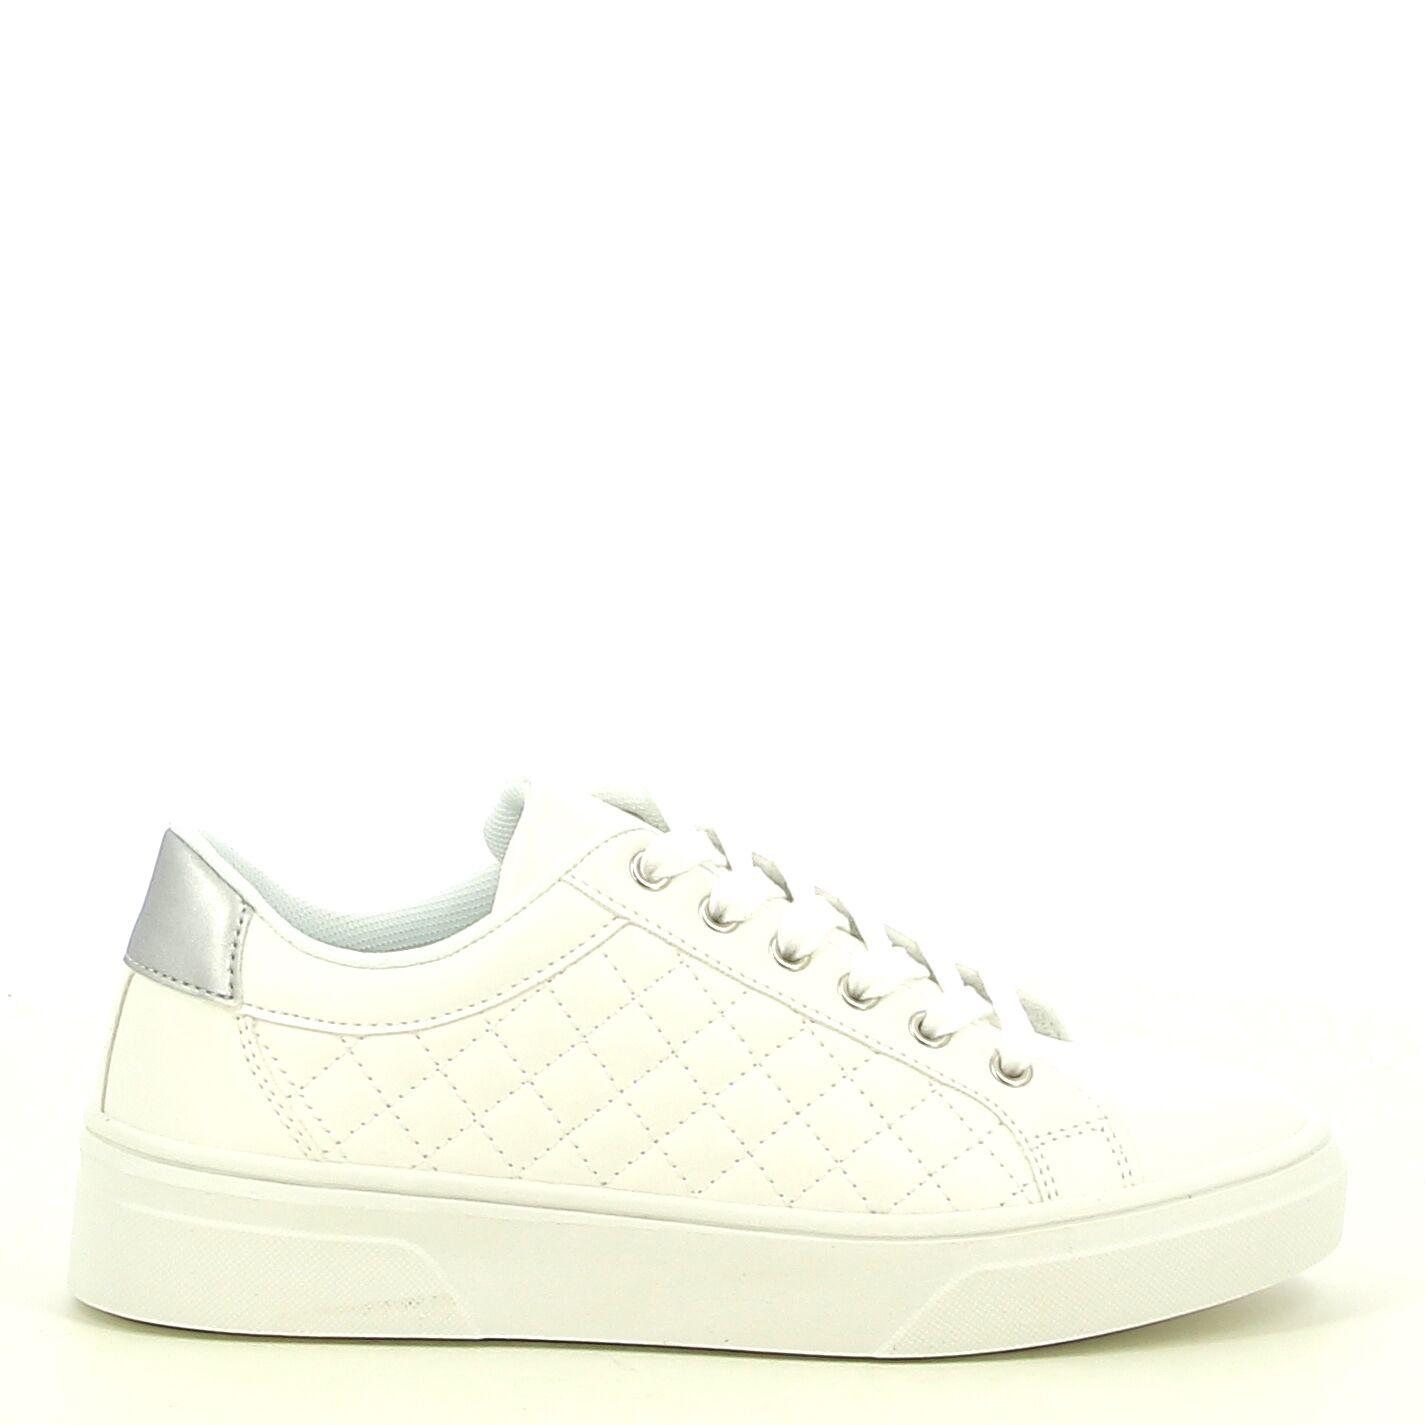 Ken Shoe Fashion - Blanc/Arganté - Baskets